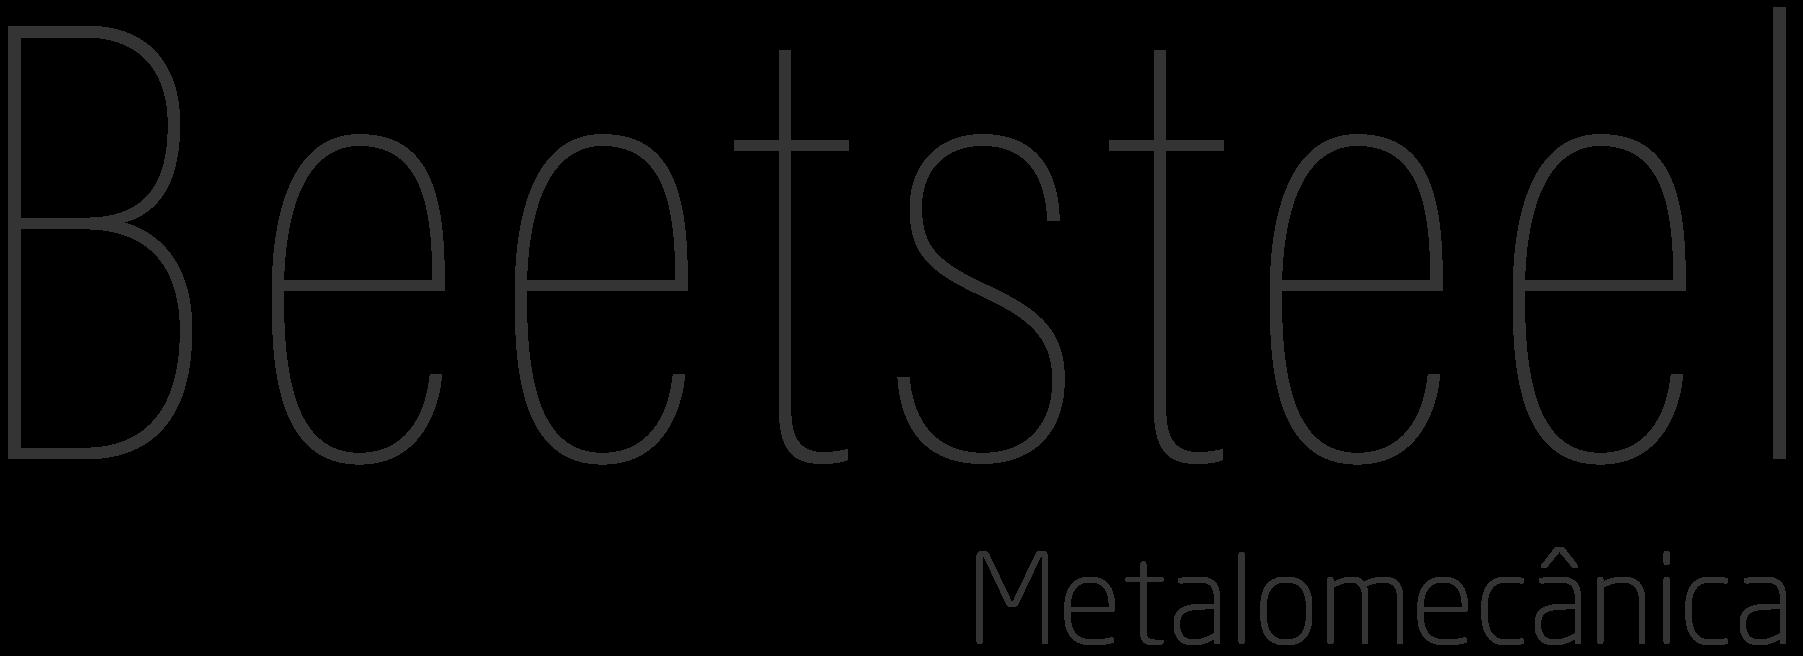 Beetsteel